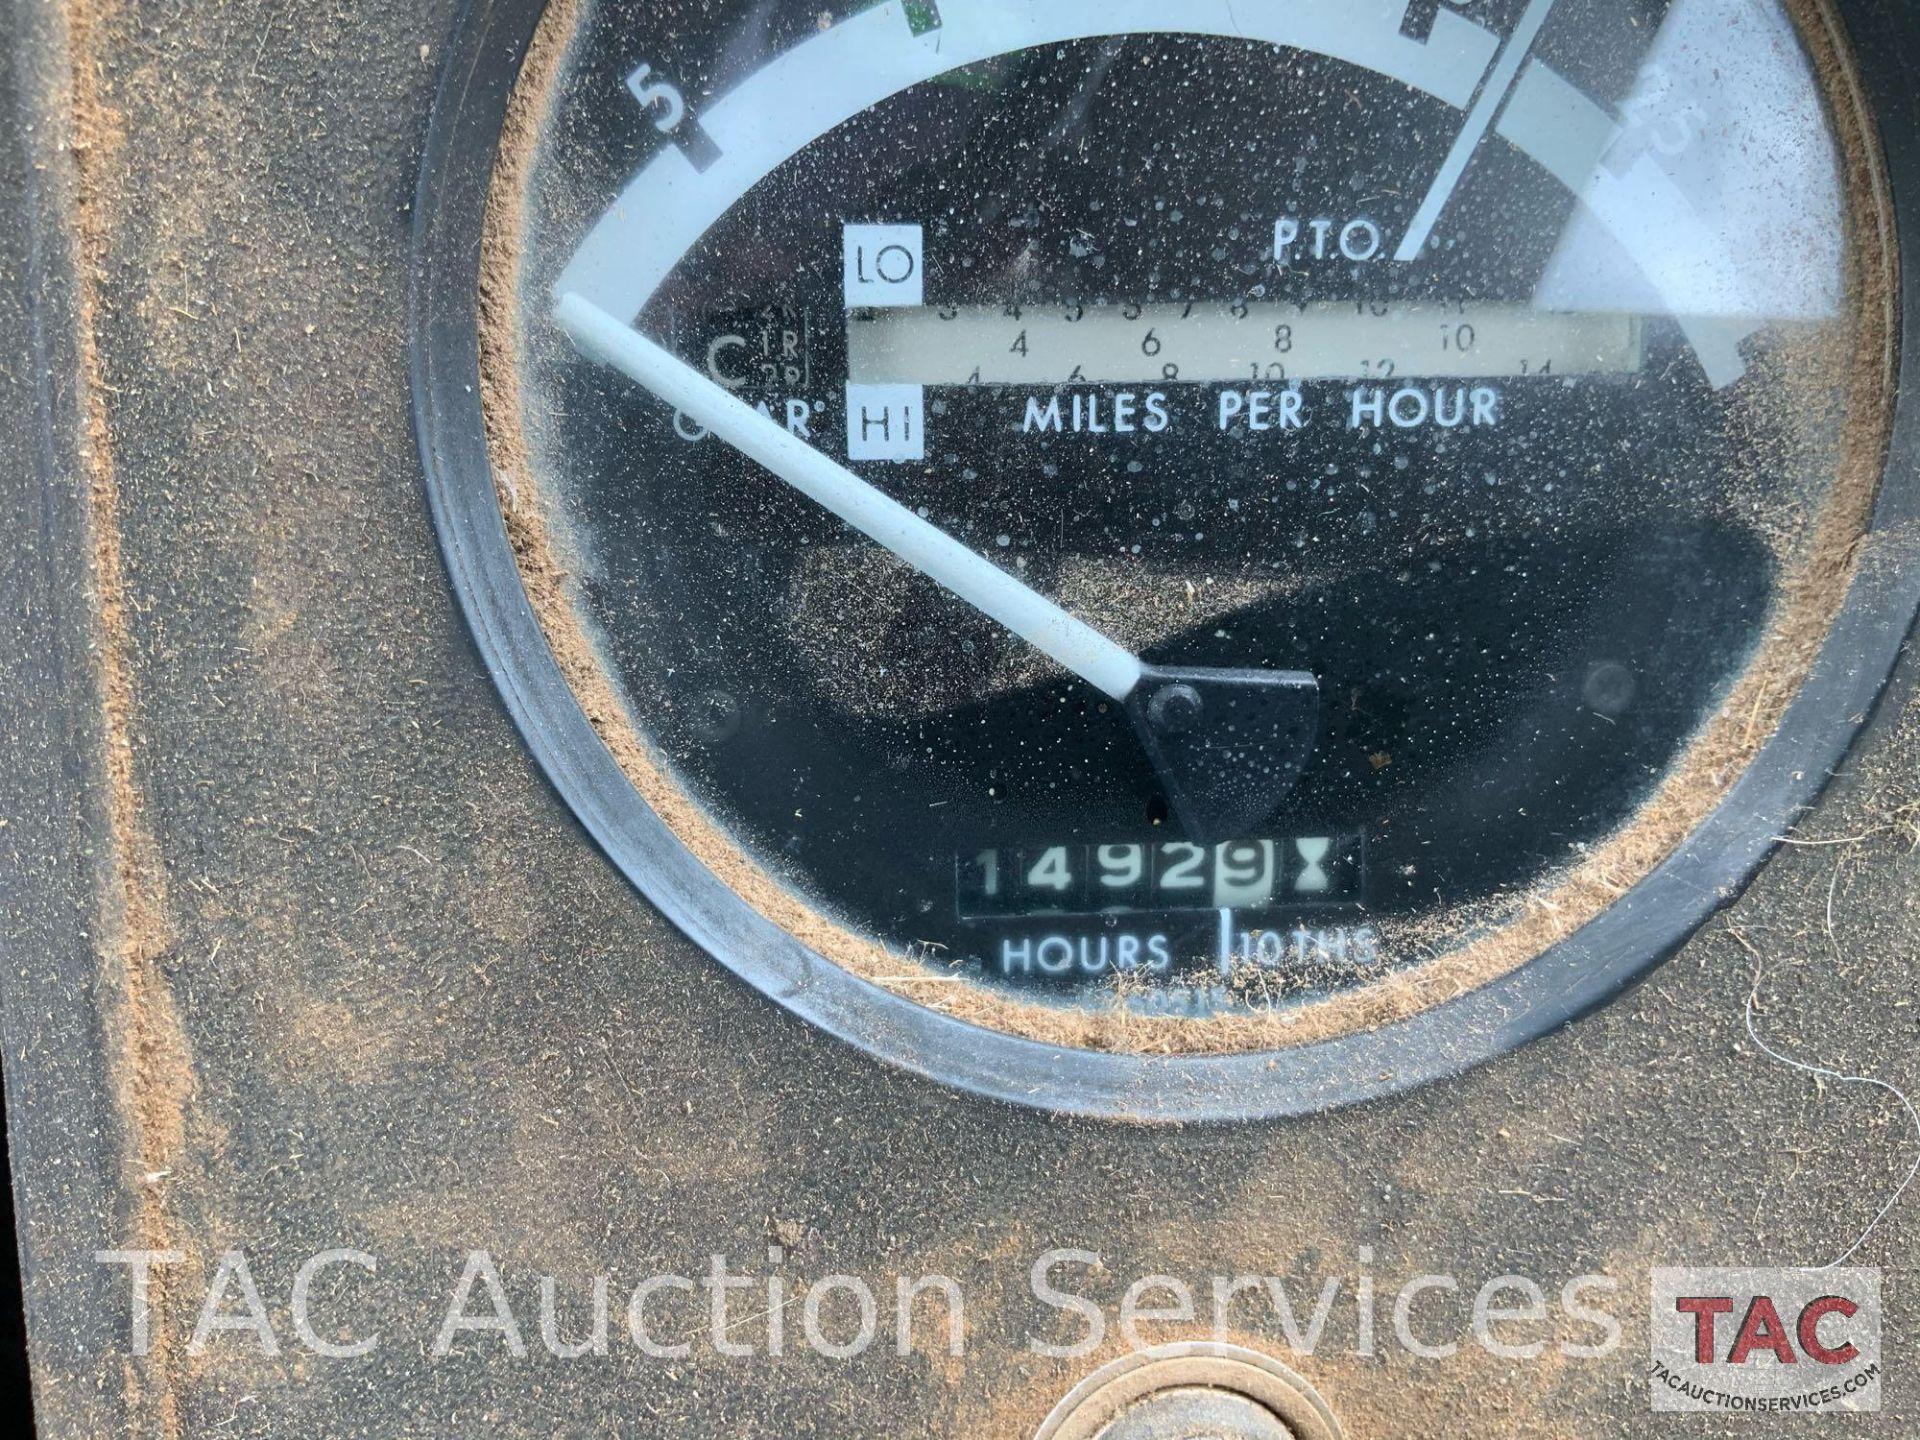 John Deere 4440 Tractor - Image 14 of 31